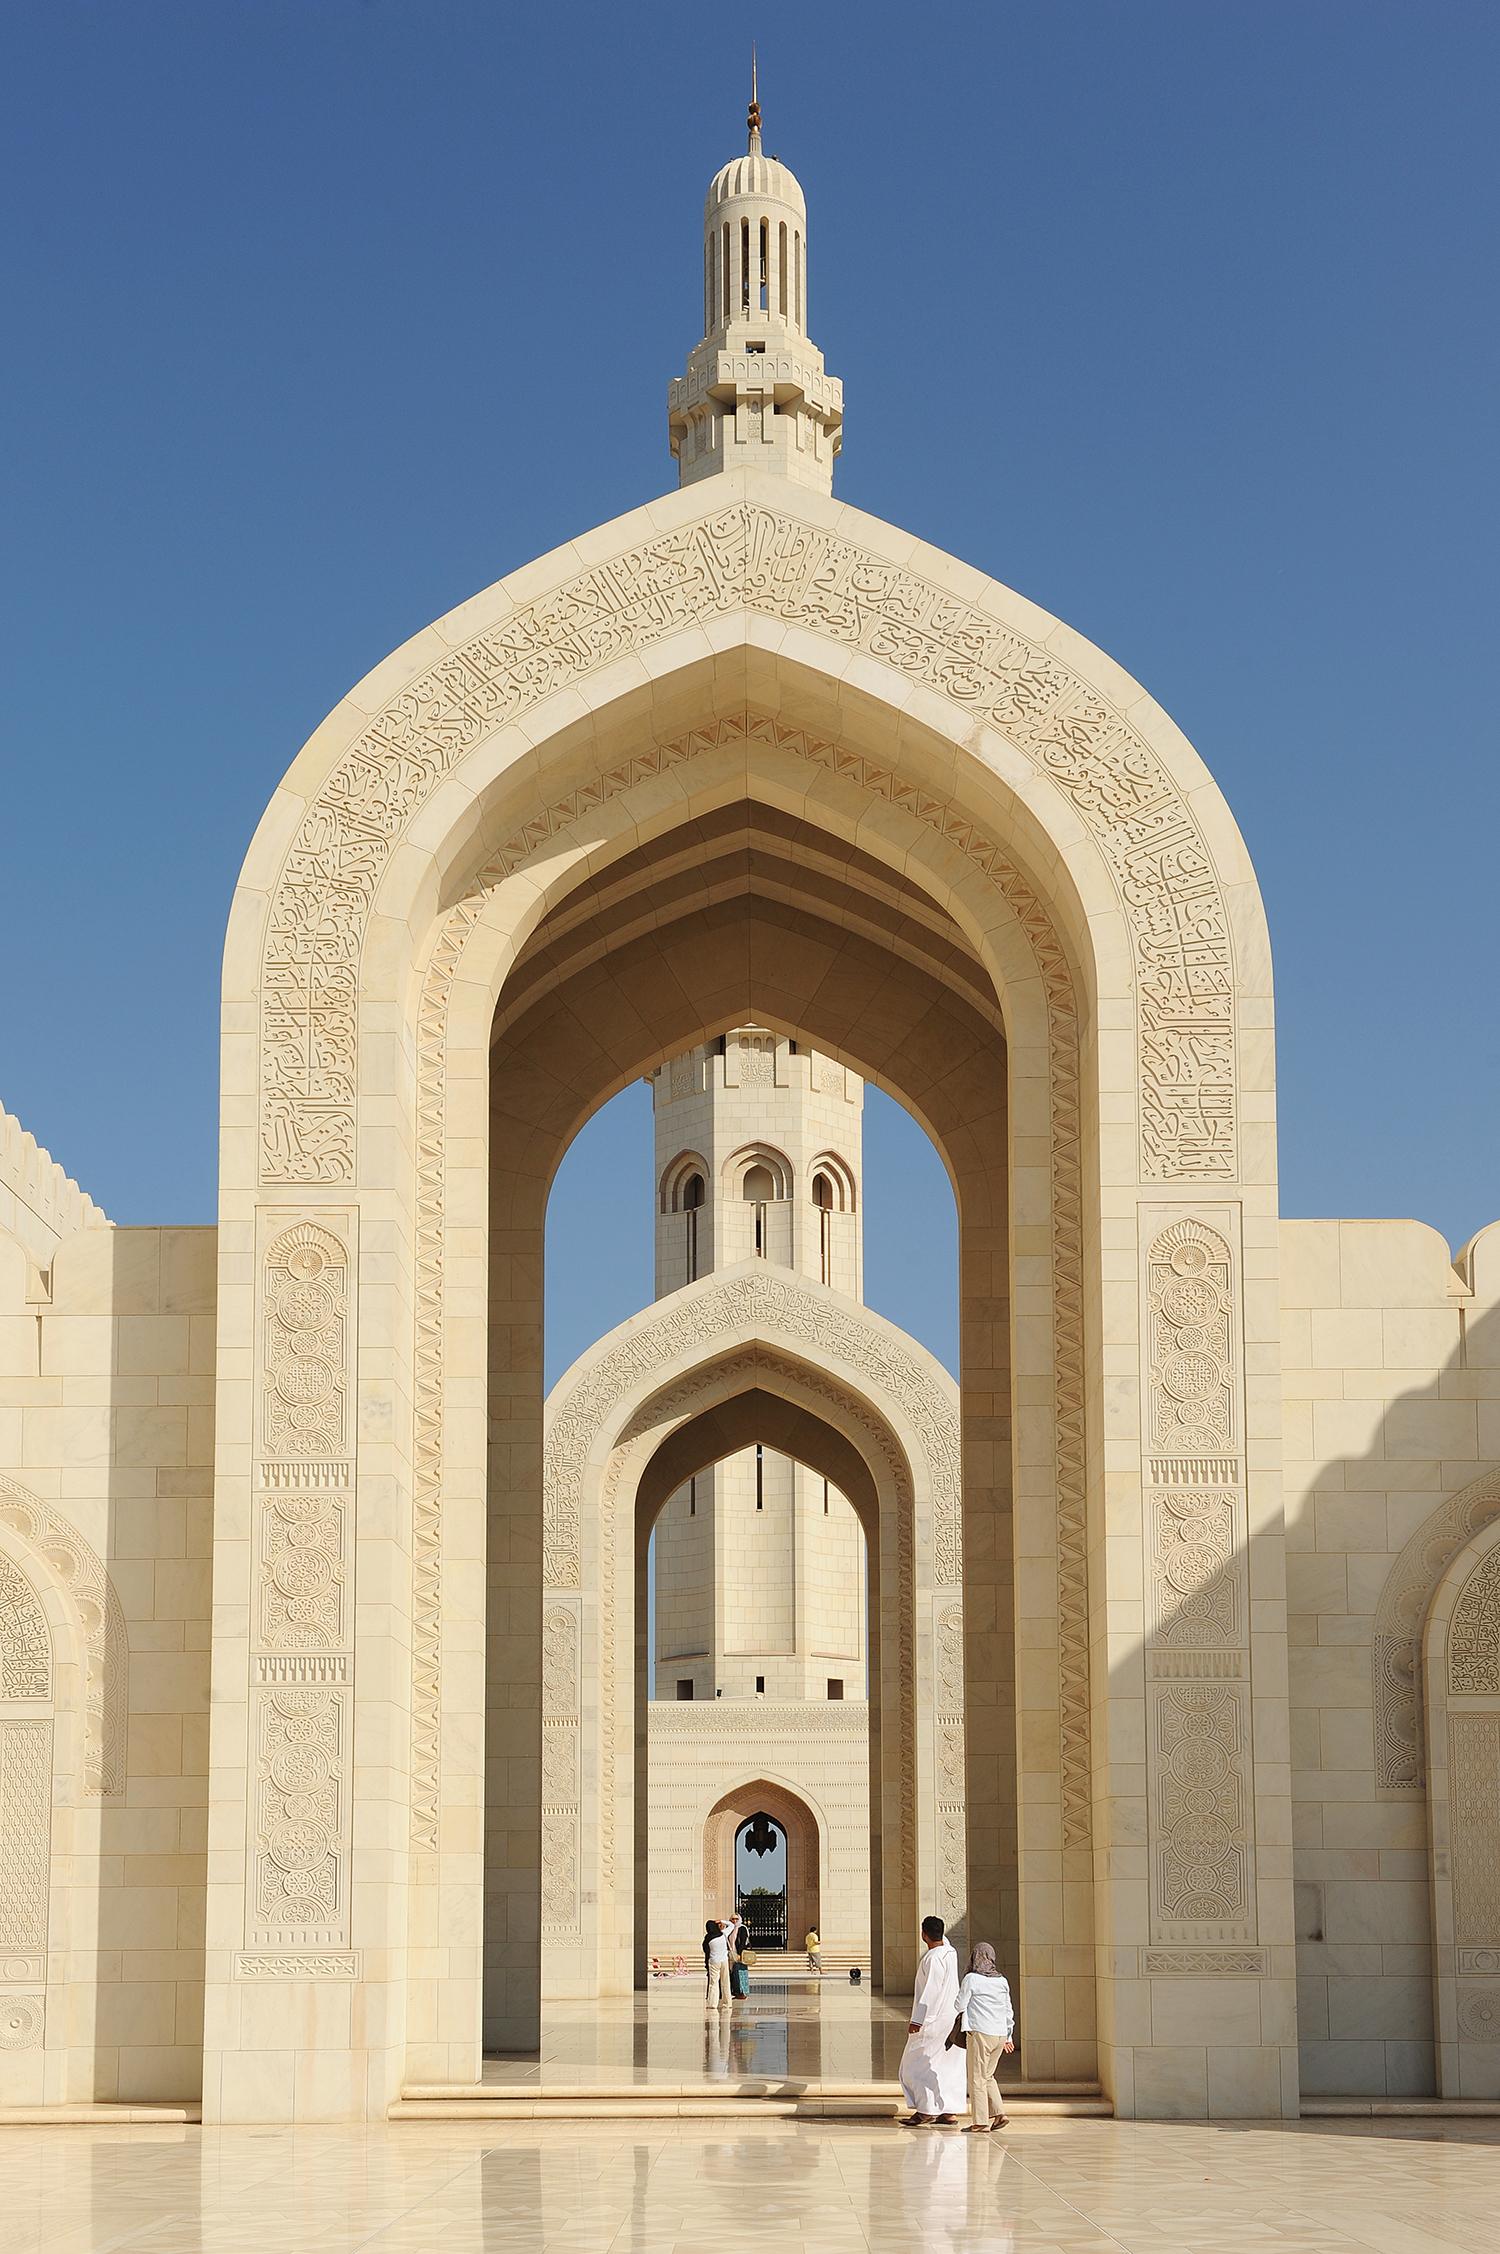 Sultan Qaboos Grand Mosque 1.jpg